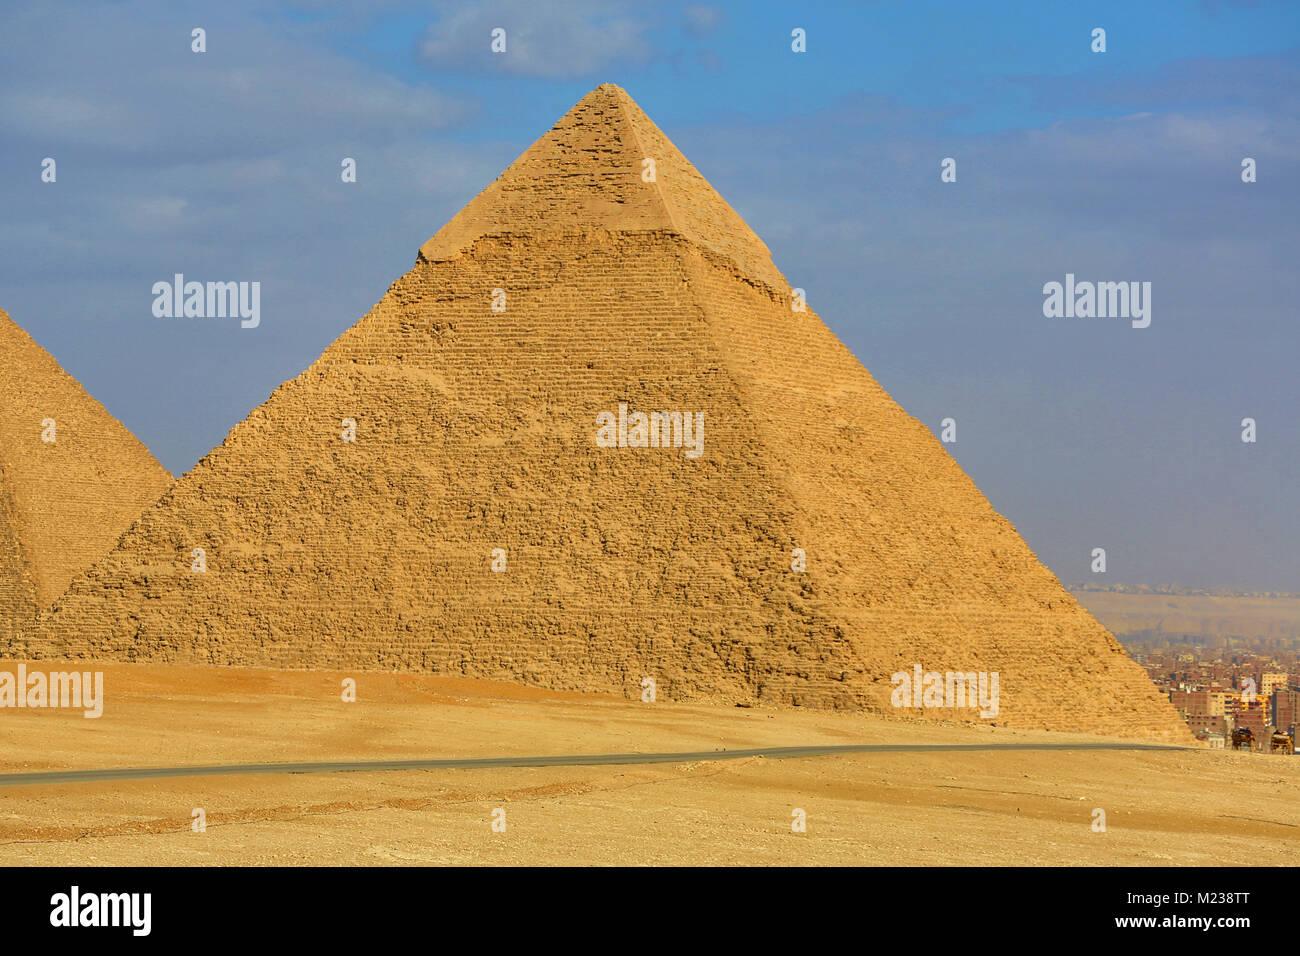 Die Pyramide des Chephren Khafre (oder) auf dem Plateau von Gizeh, Kairo, Ägypten Stockbild